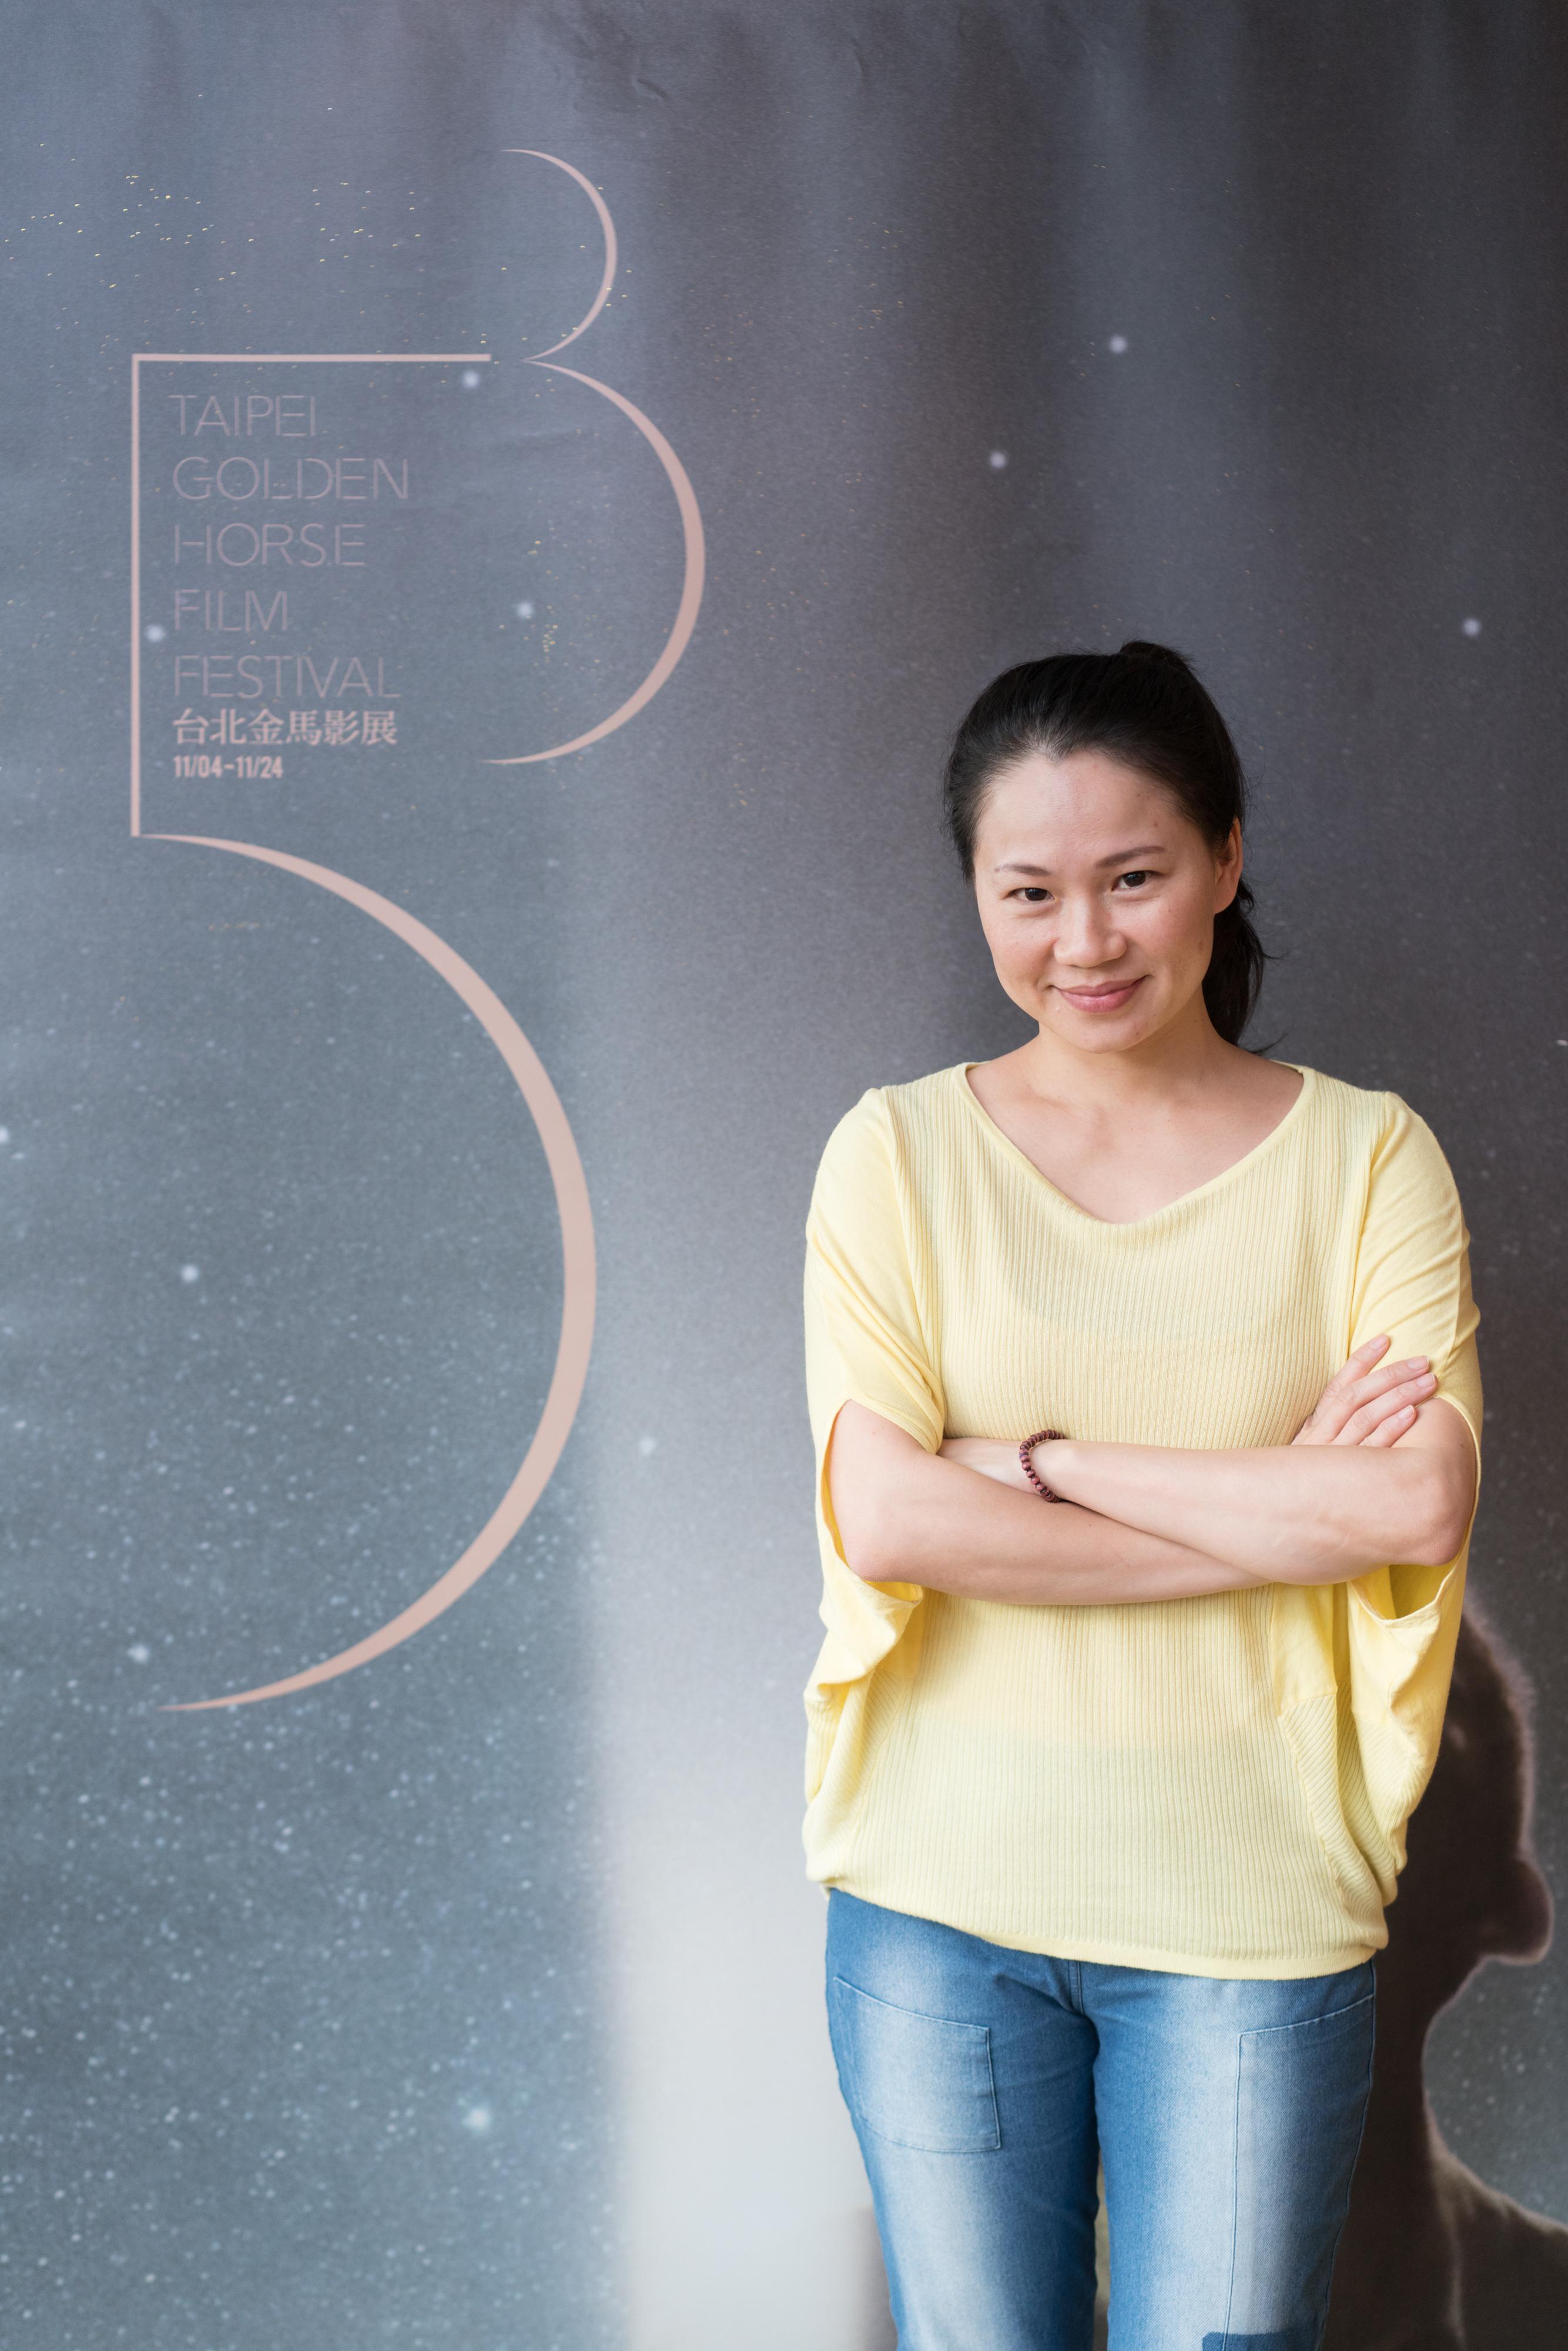 《接線員》入圍金馬影展奈派克獎,作品表現備受肯定,有望於明年上半年與台灣觀眾見面。 圖片提供/台北金馬影展